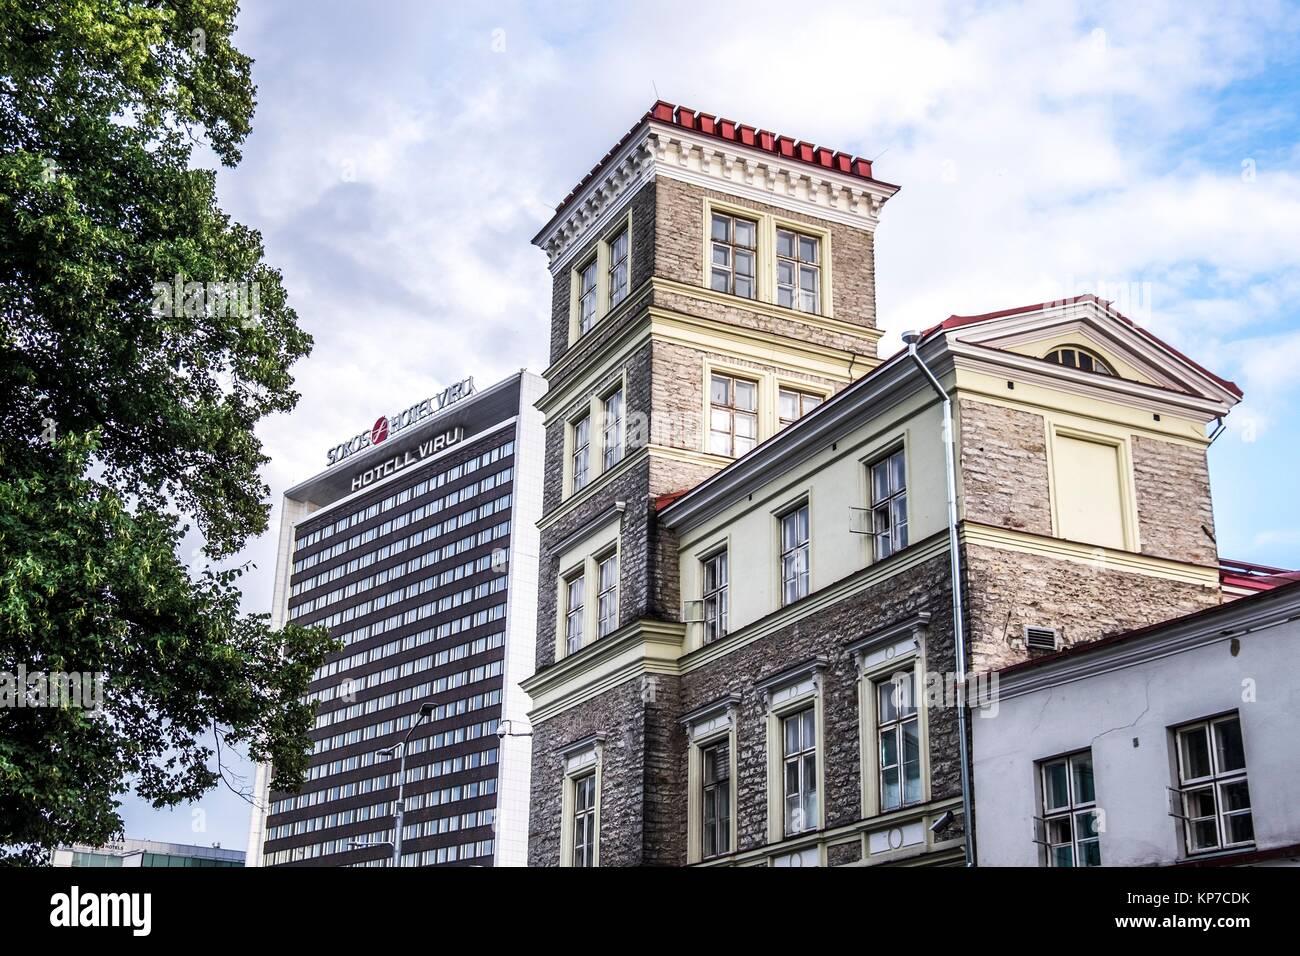 Le contraste de l'architecture moderne et de vieux bâtiments inTallinn, Estonie, Europe. Banque D'Images